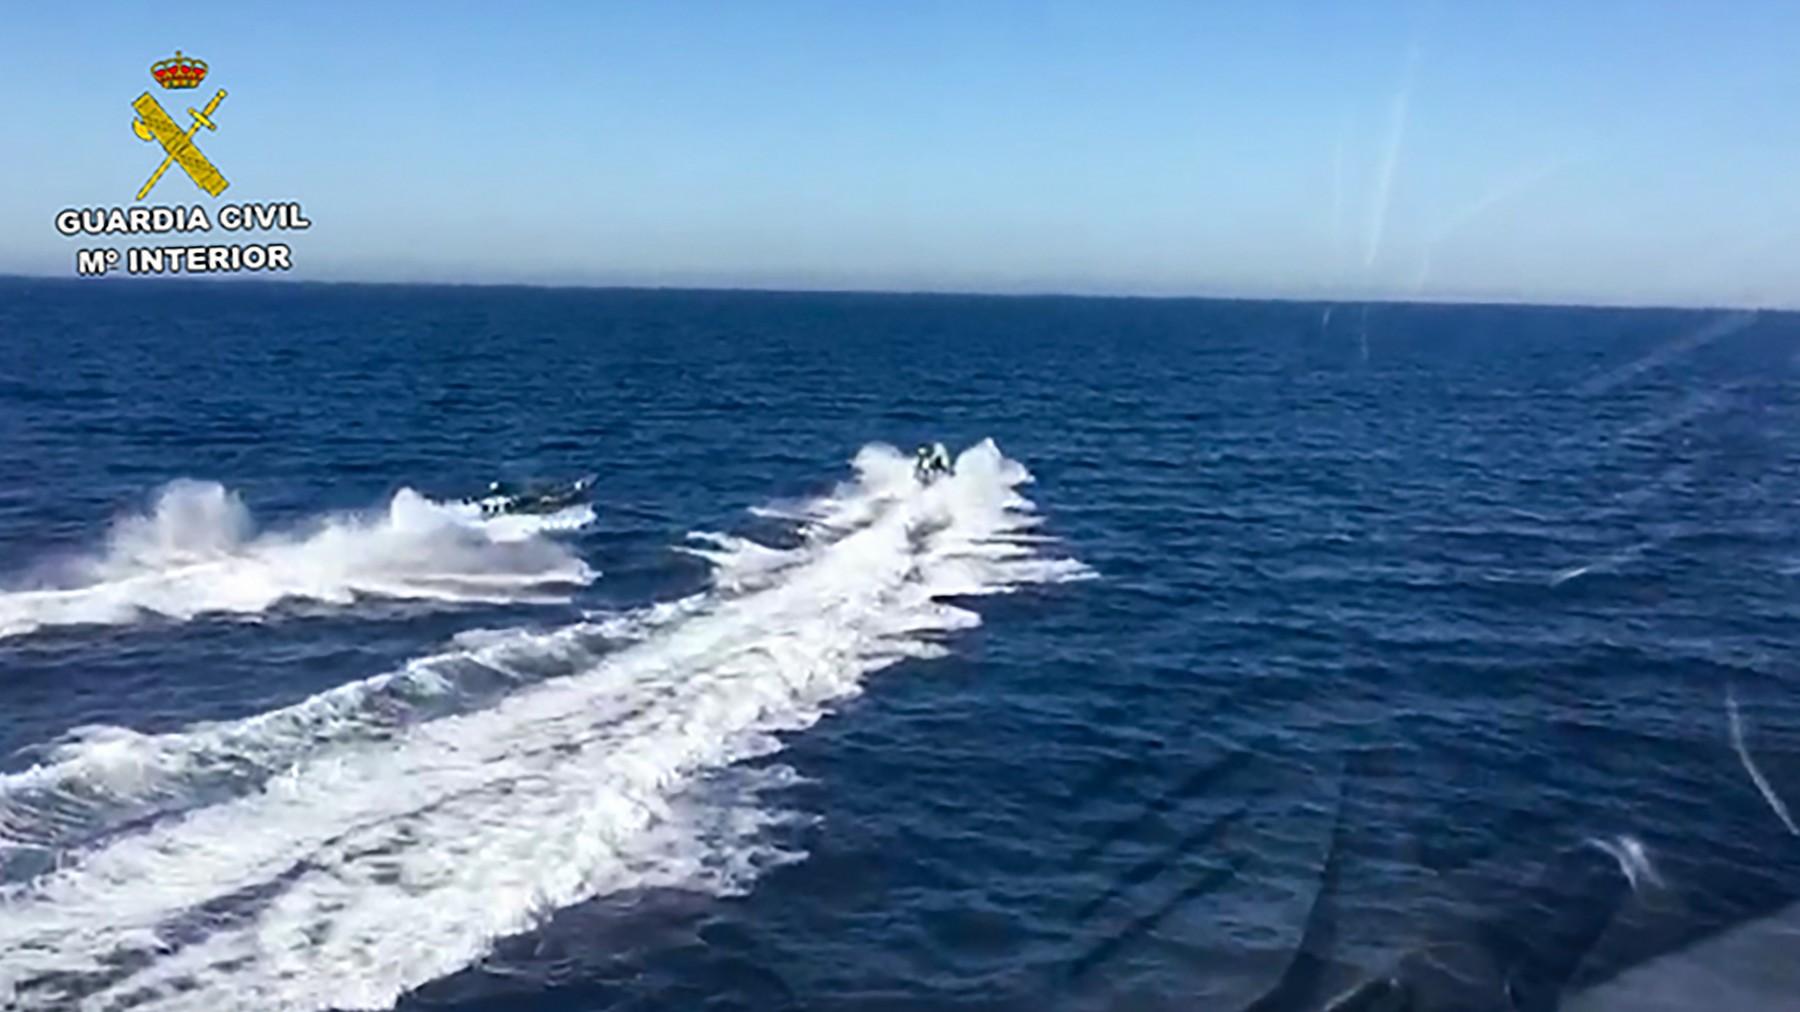 Sudar policijskog i odbjeglog broda na jugu Španjolske